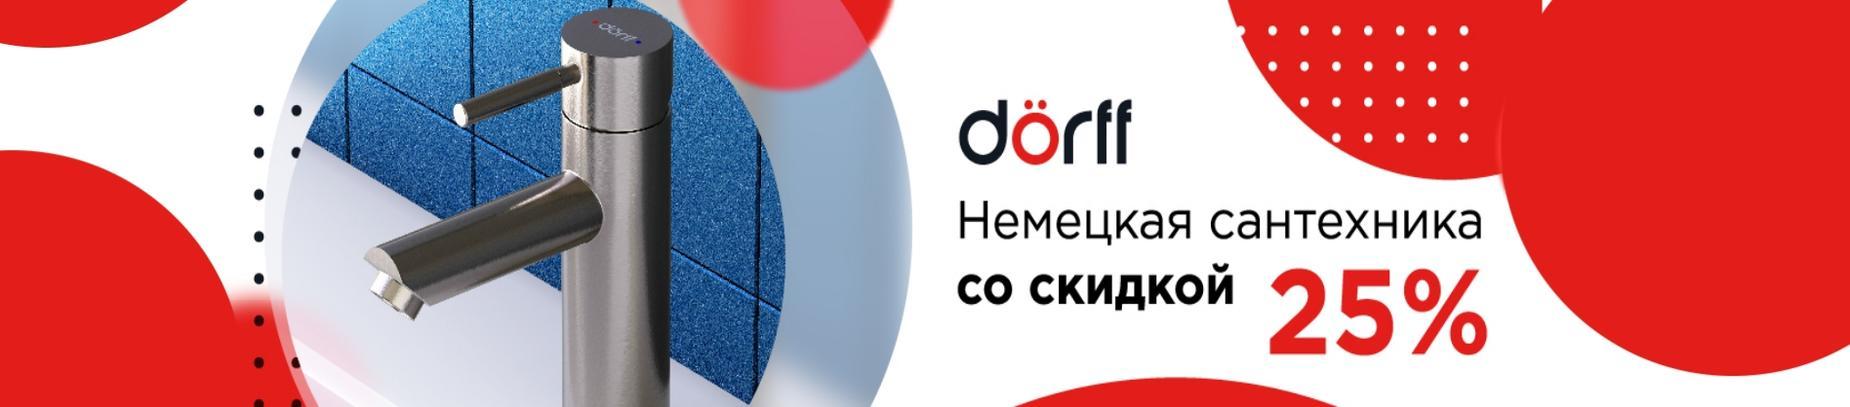 Dorff смесители яркий, модный, дерзкий немецкий бренд с огромными скидками до 25 процентов